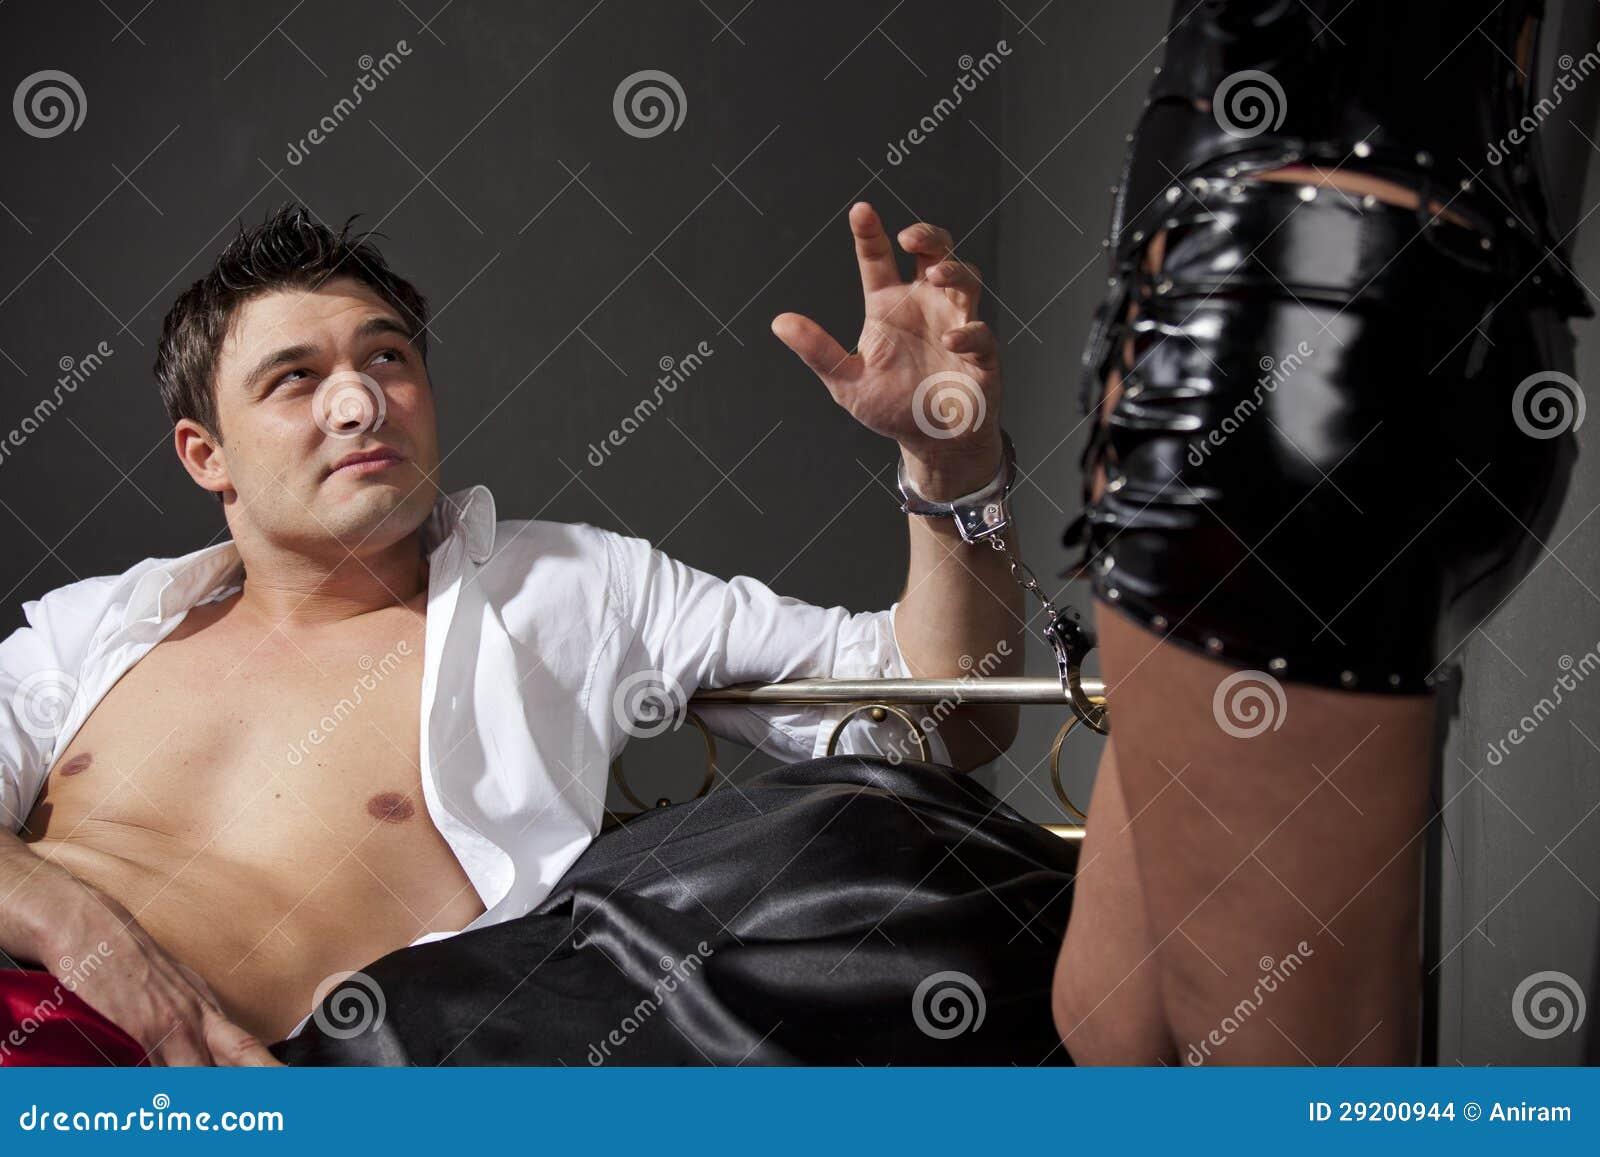 Фото девушки прикованной к кровати наручниками 11 фотография